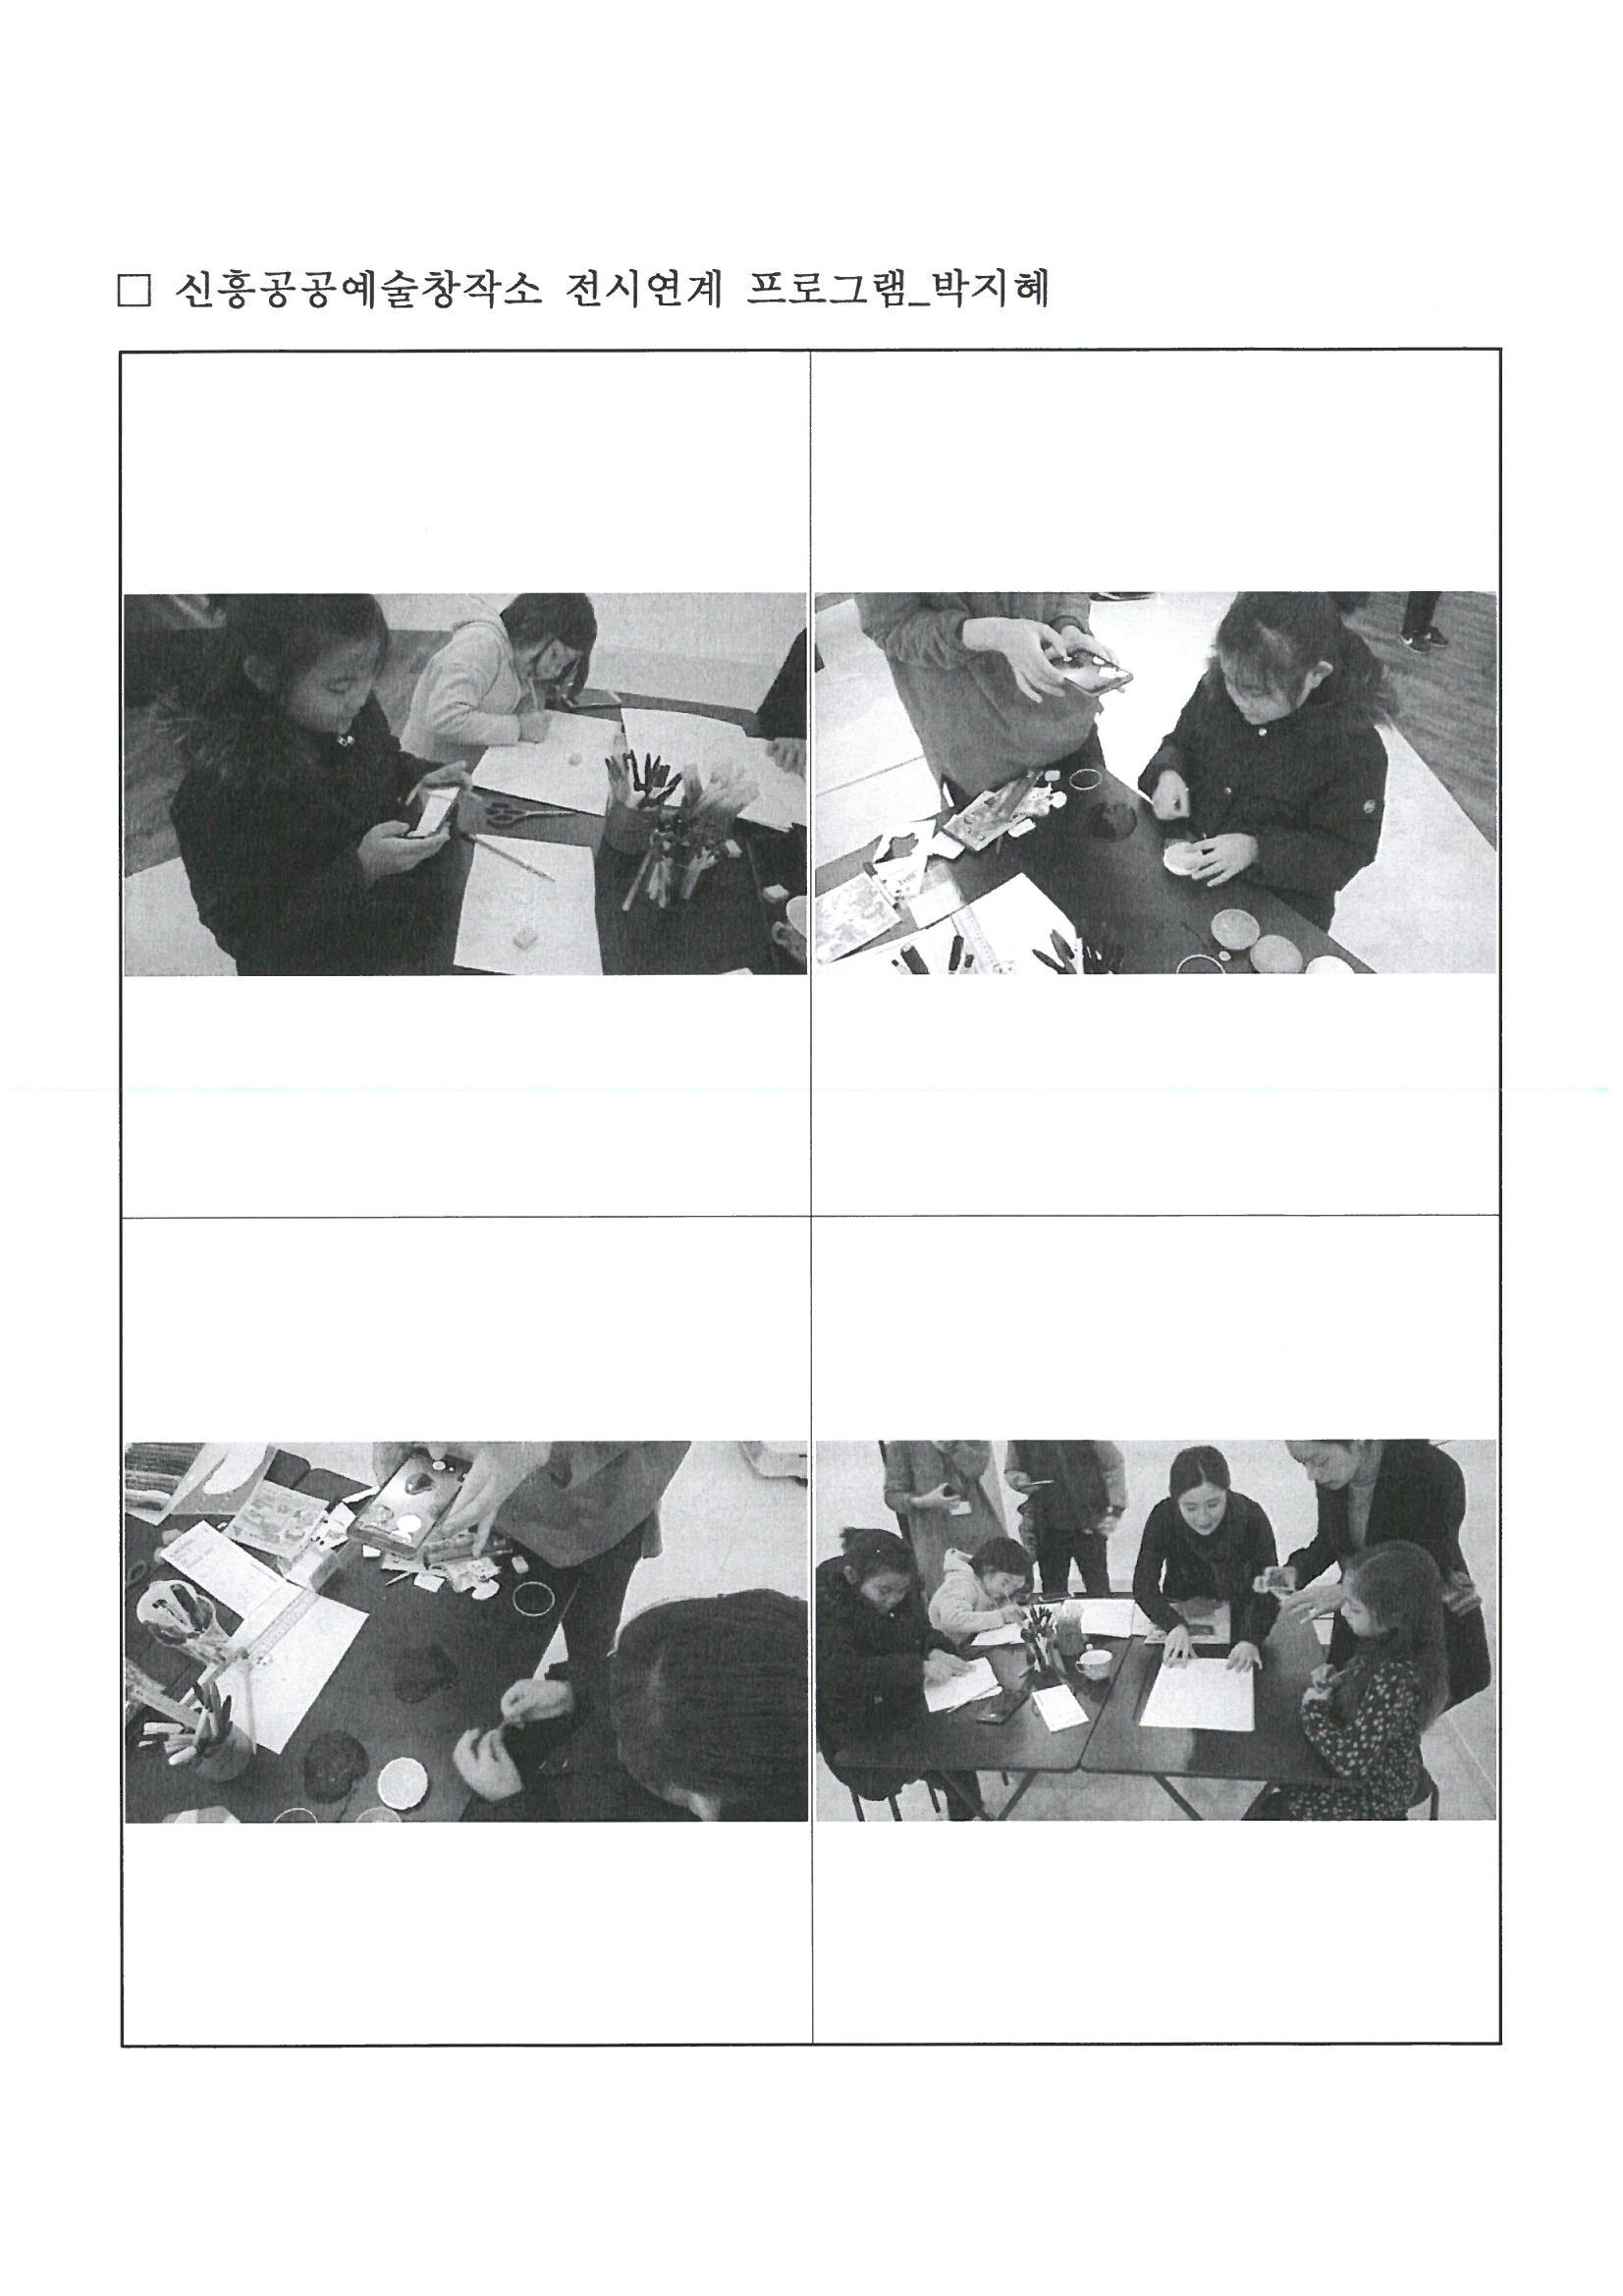 20180105_2017신흥동 진행경과_2017신흥동행사시진_페이지_18.jpg